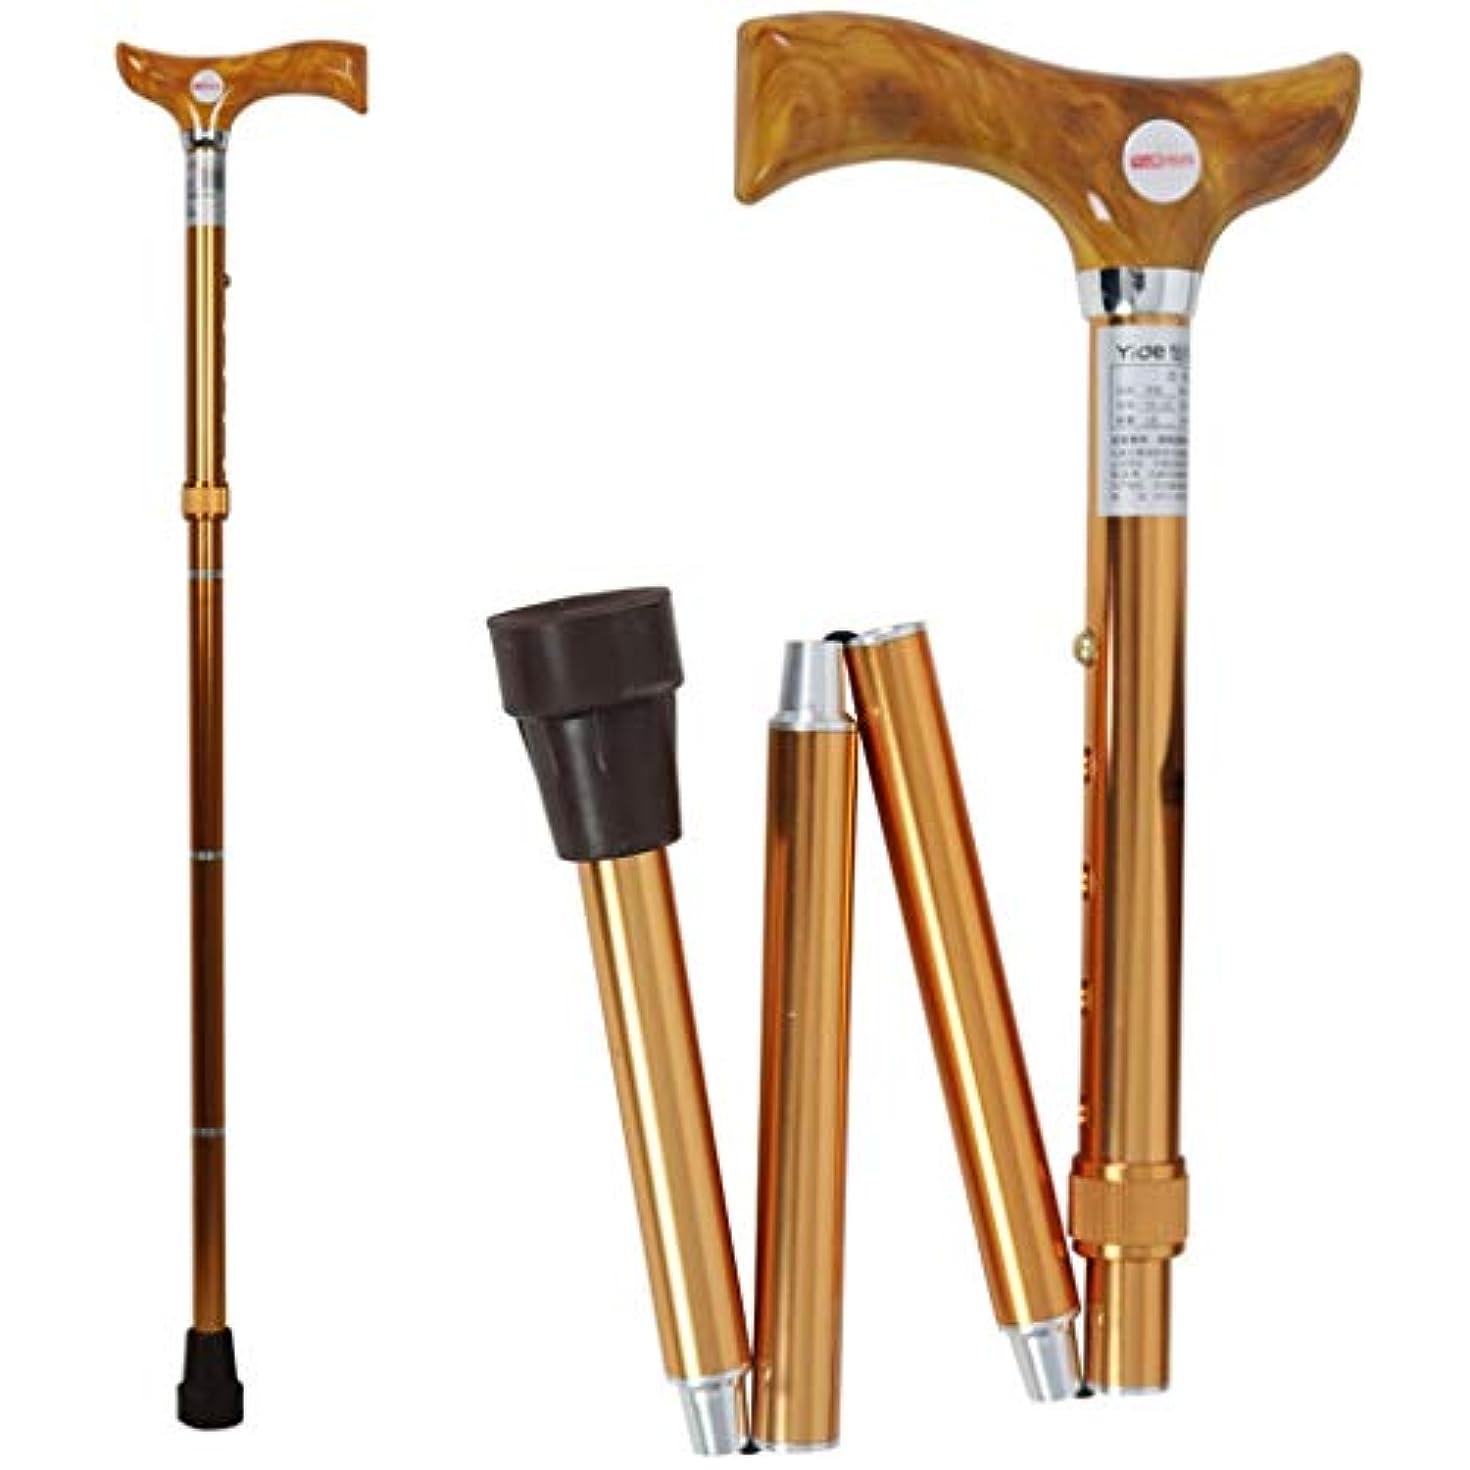 パイル飽和する浸食76?86センチメートルから調節可能な木製の、調節可能な軽量アルミウォーキングスティックで高齢者に のリトラクタブルスティックウォーキングスティック、多機能アンチスリップし、ウォーキング折りたたみ (Color : B)